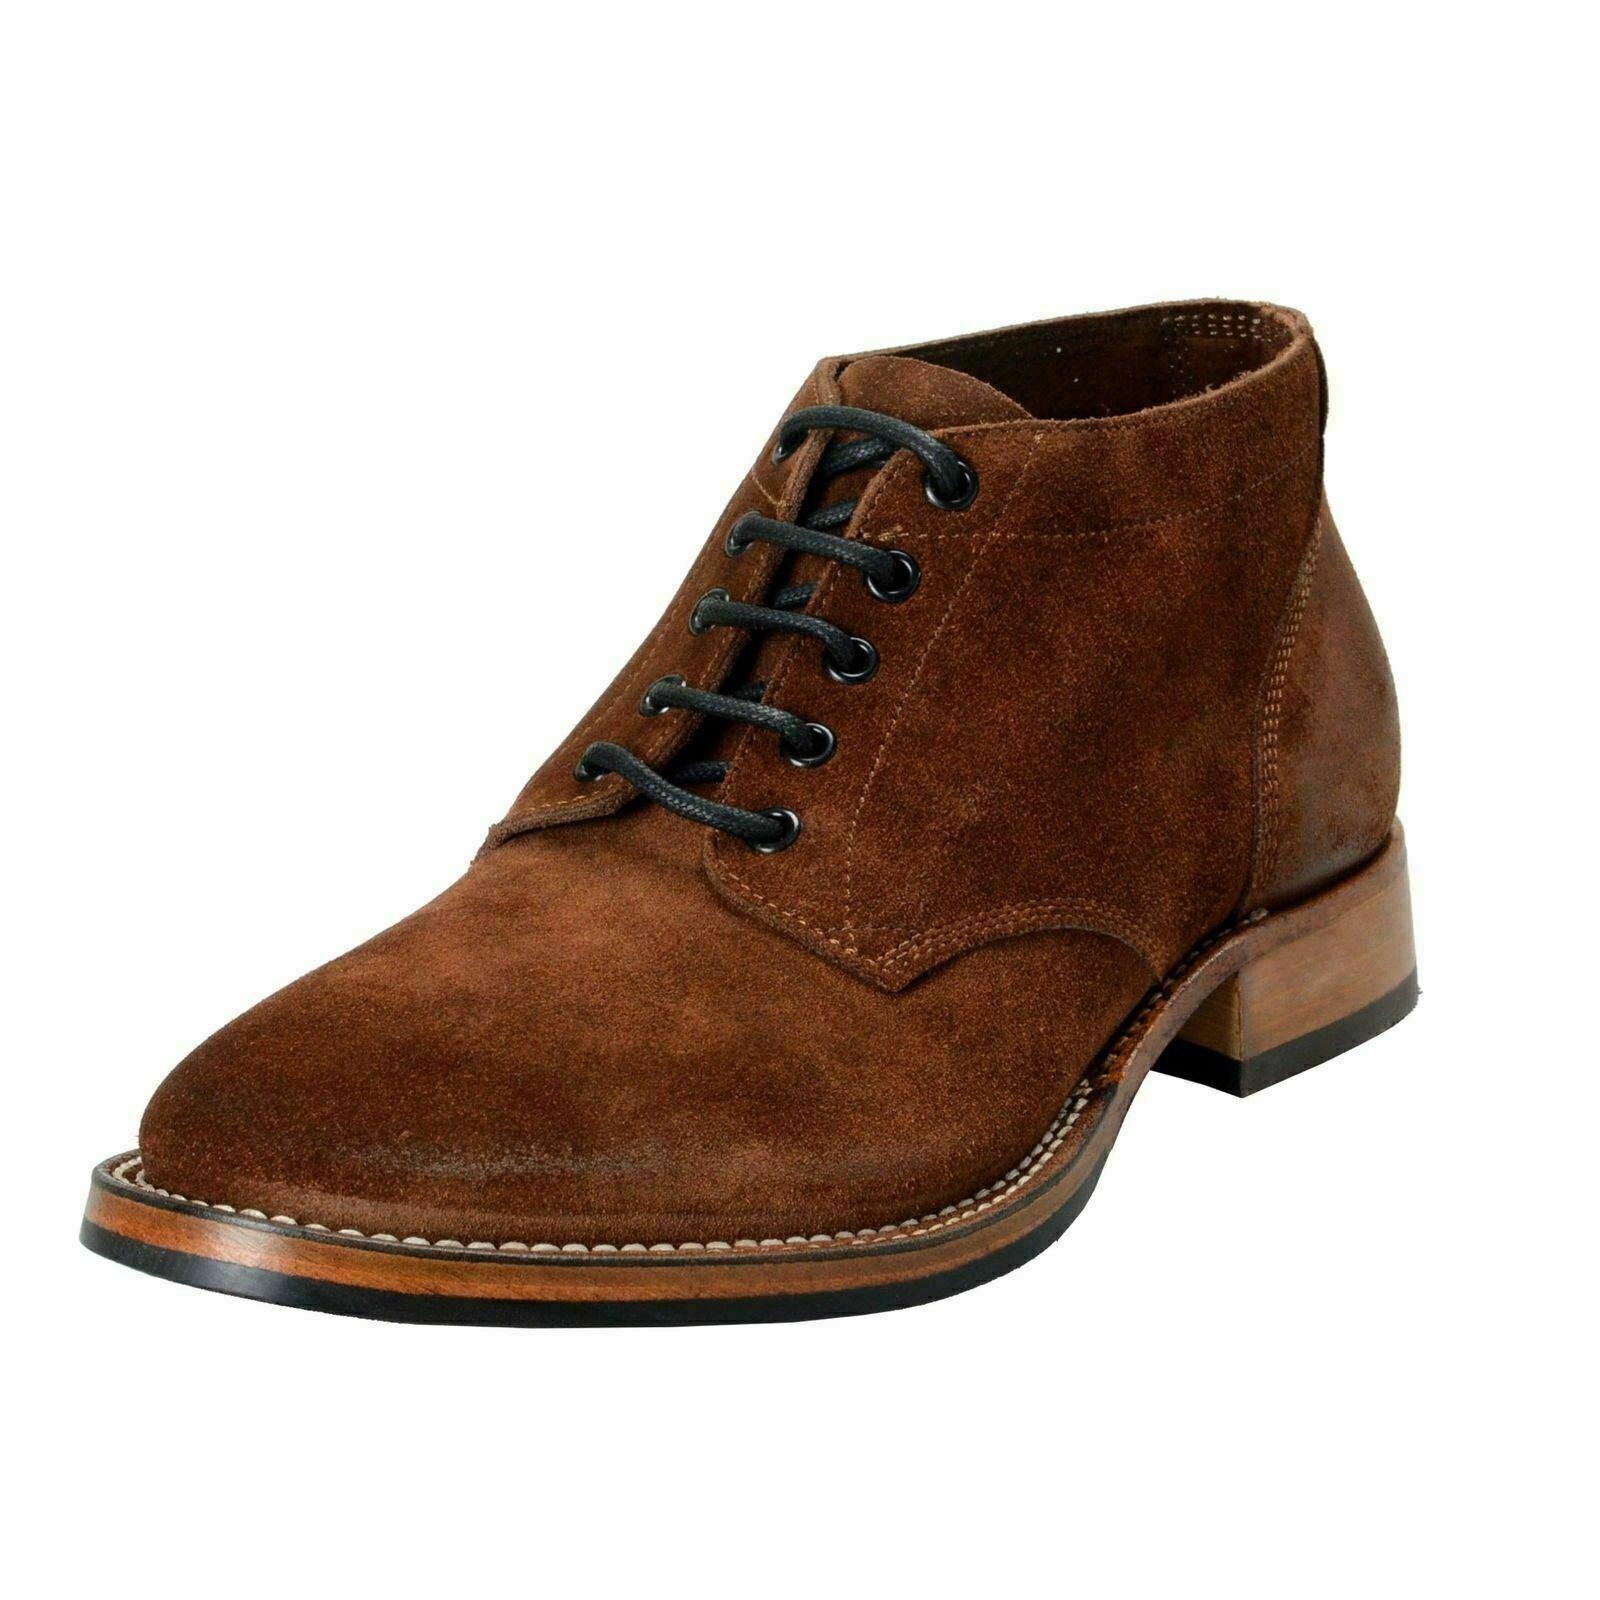 Belstaff Men's Stockwell Marronee Suede Leather stivali scarpe US 9 IT 42